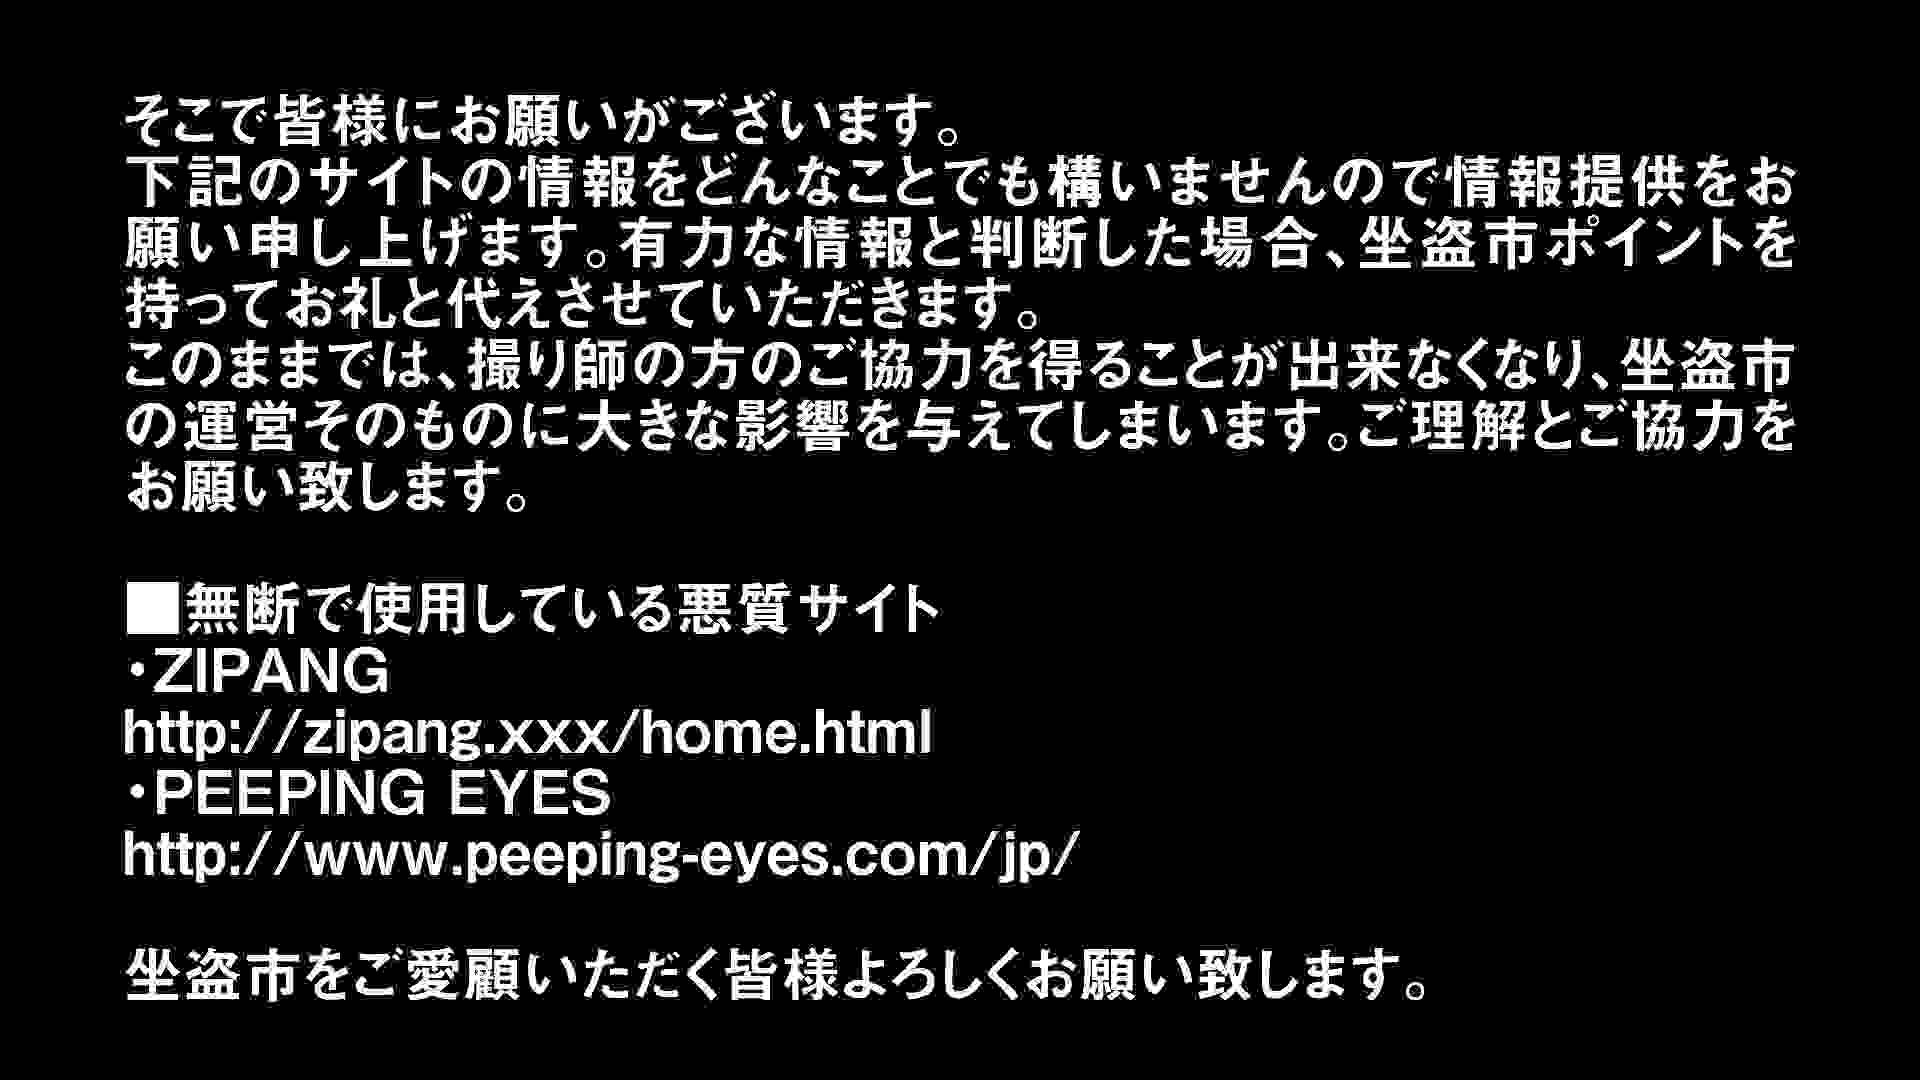 阿国ちゃんの「和式洋式七変化」No.6 和式  49Pix 1